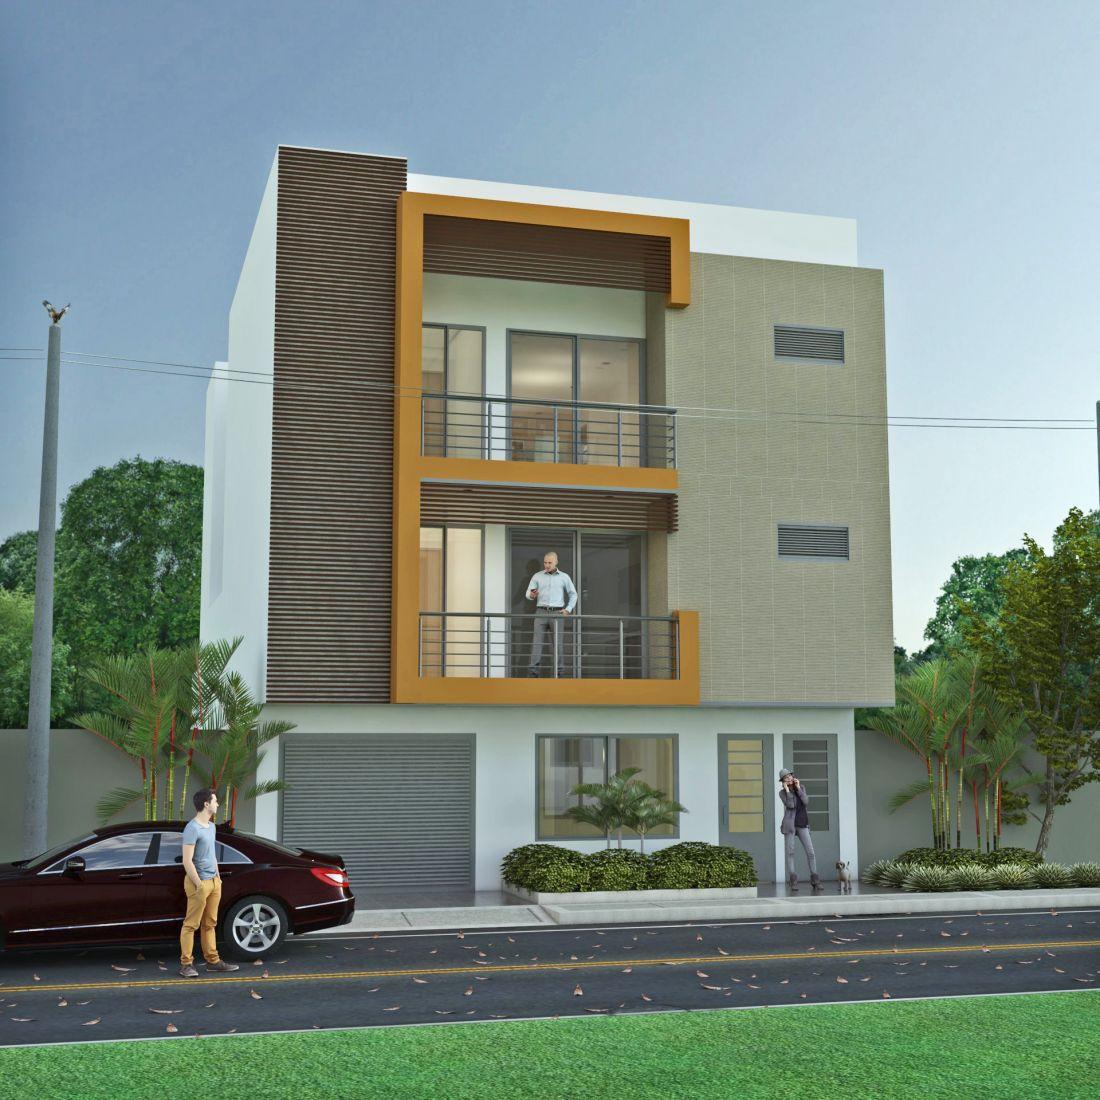 Dise o moderno edificio de apartamentos en tres pisos for Fachadas de edificios modernos